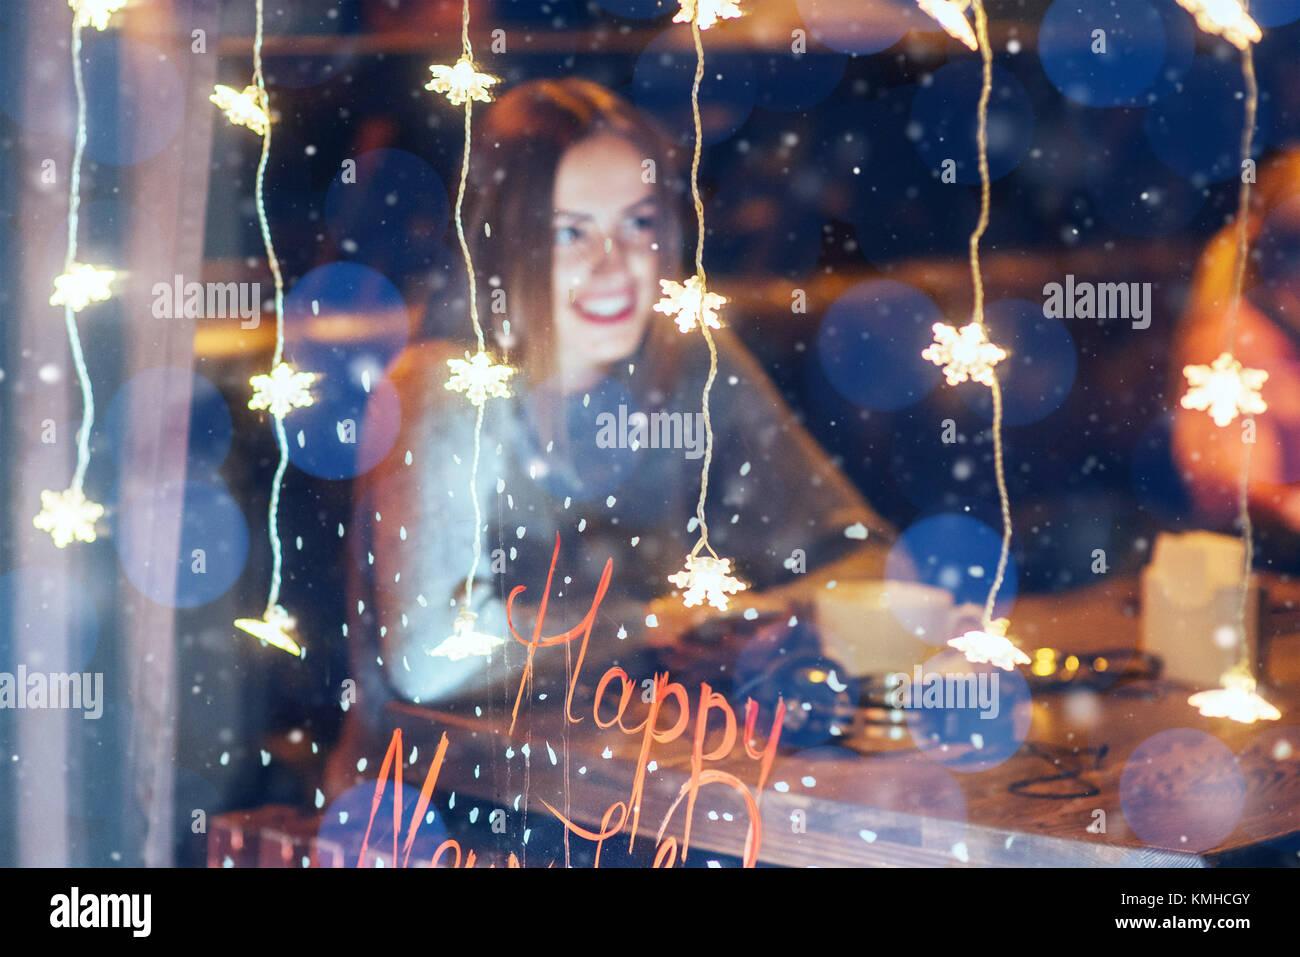 Giovane bella donna seduta al cafe, bere caffè. Magic nevicata effetto. Natale e felice anno nuovo, il giorno Immagini Stock